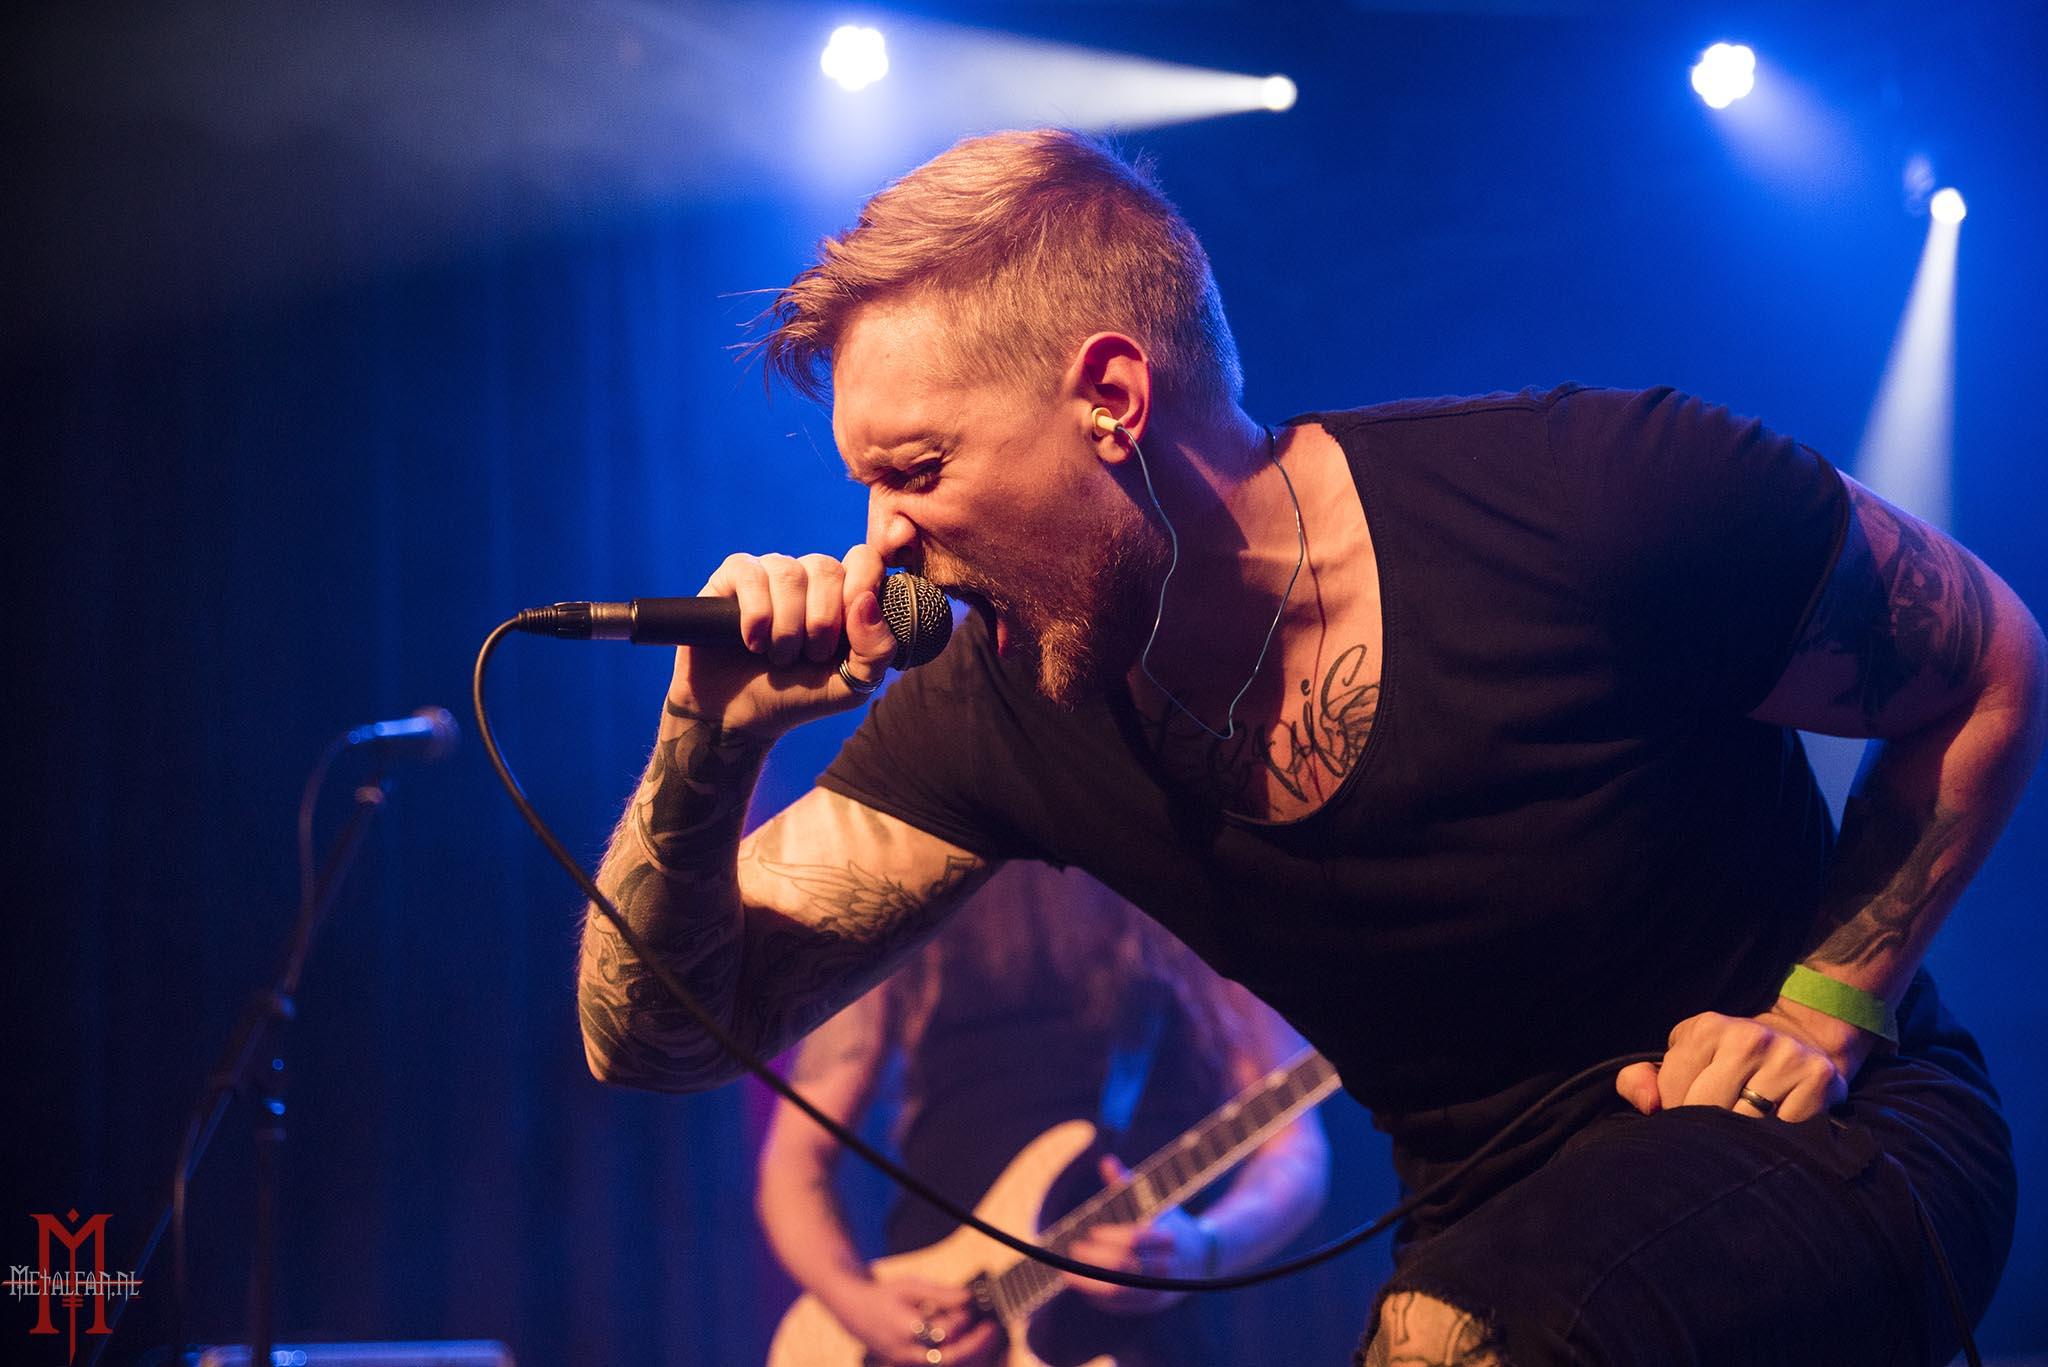 Inside The Artist's Head @ Bruut Metalfeest 5, 10-12-2016